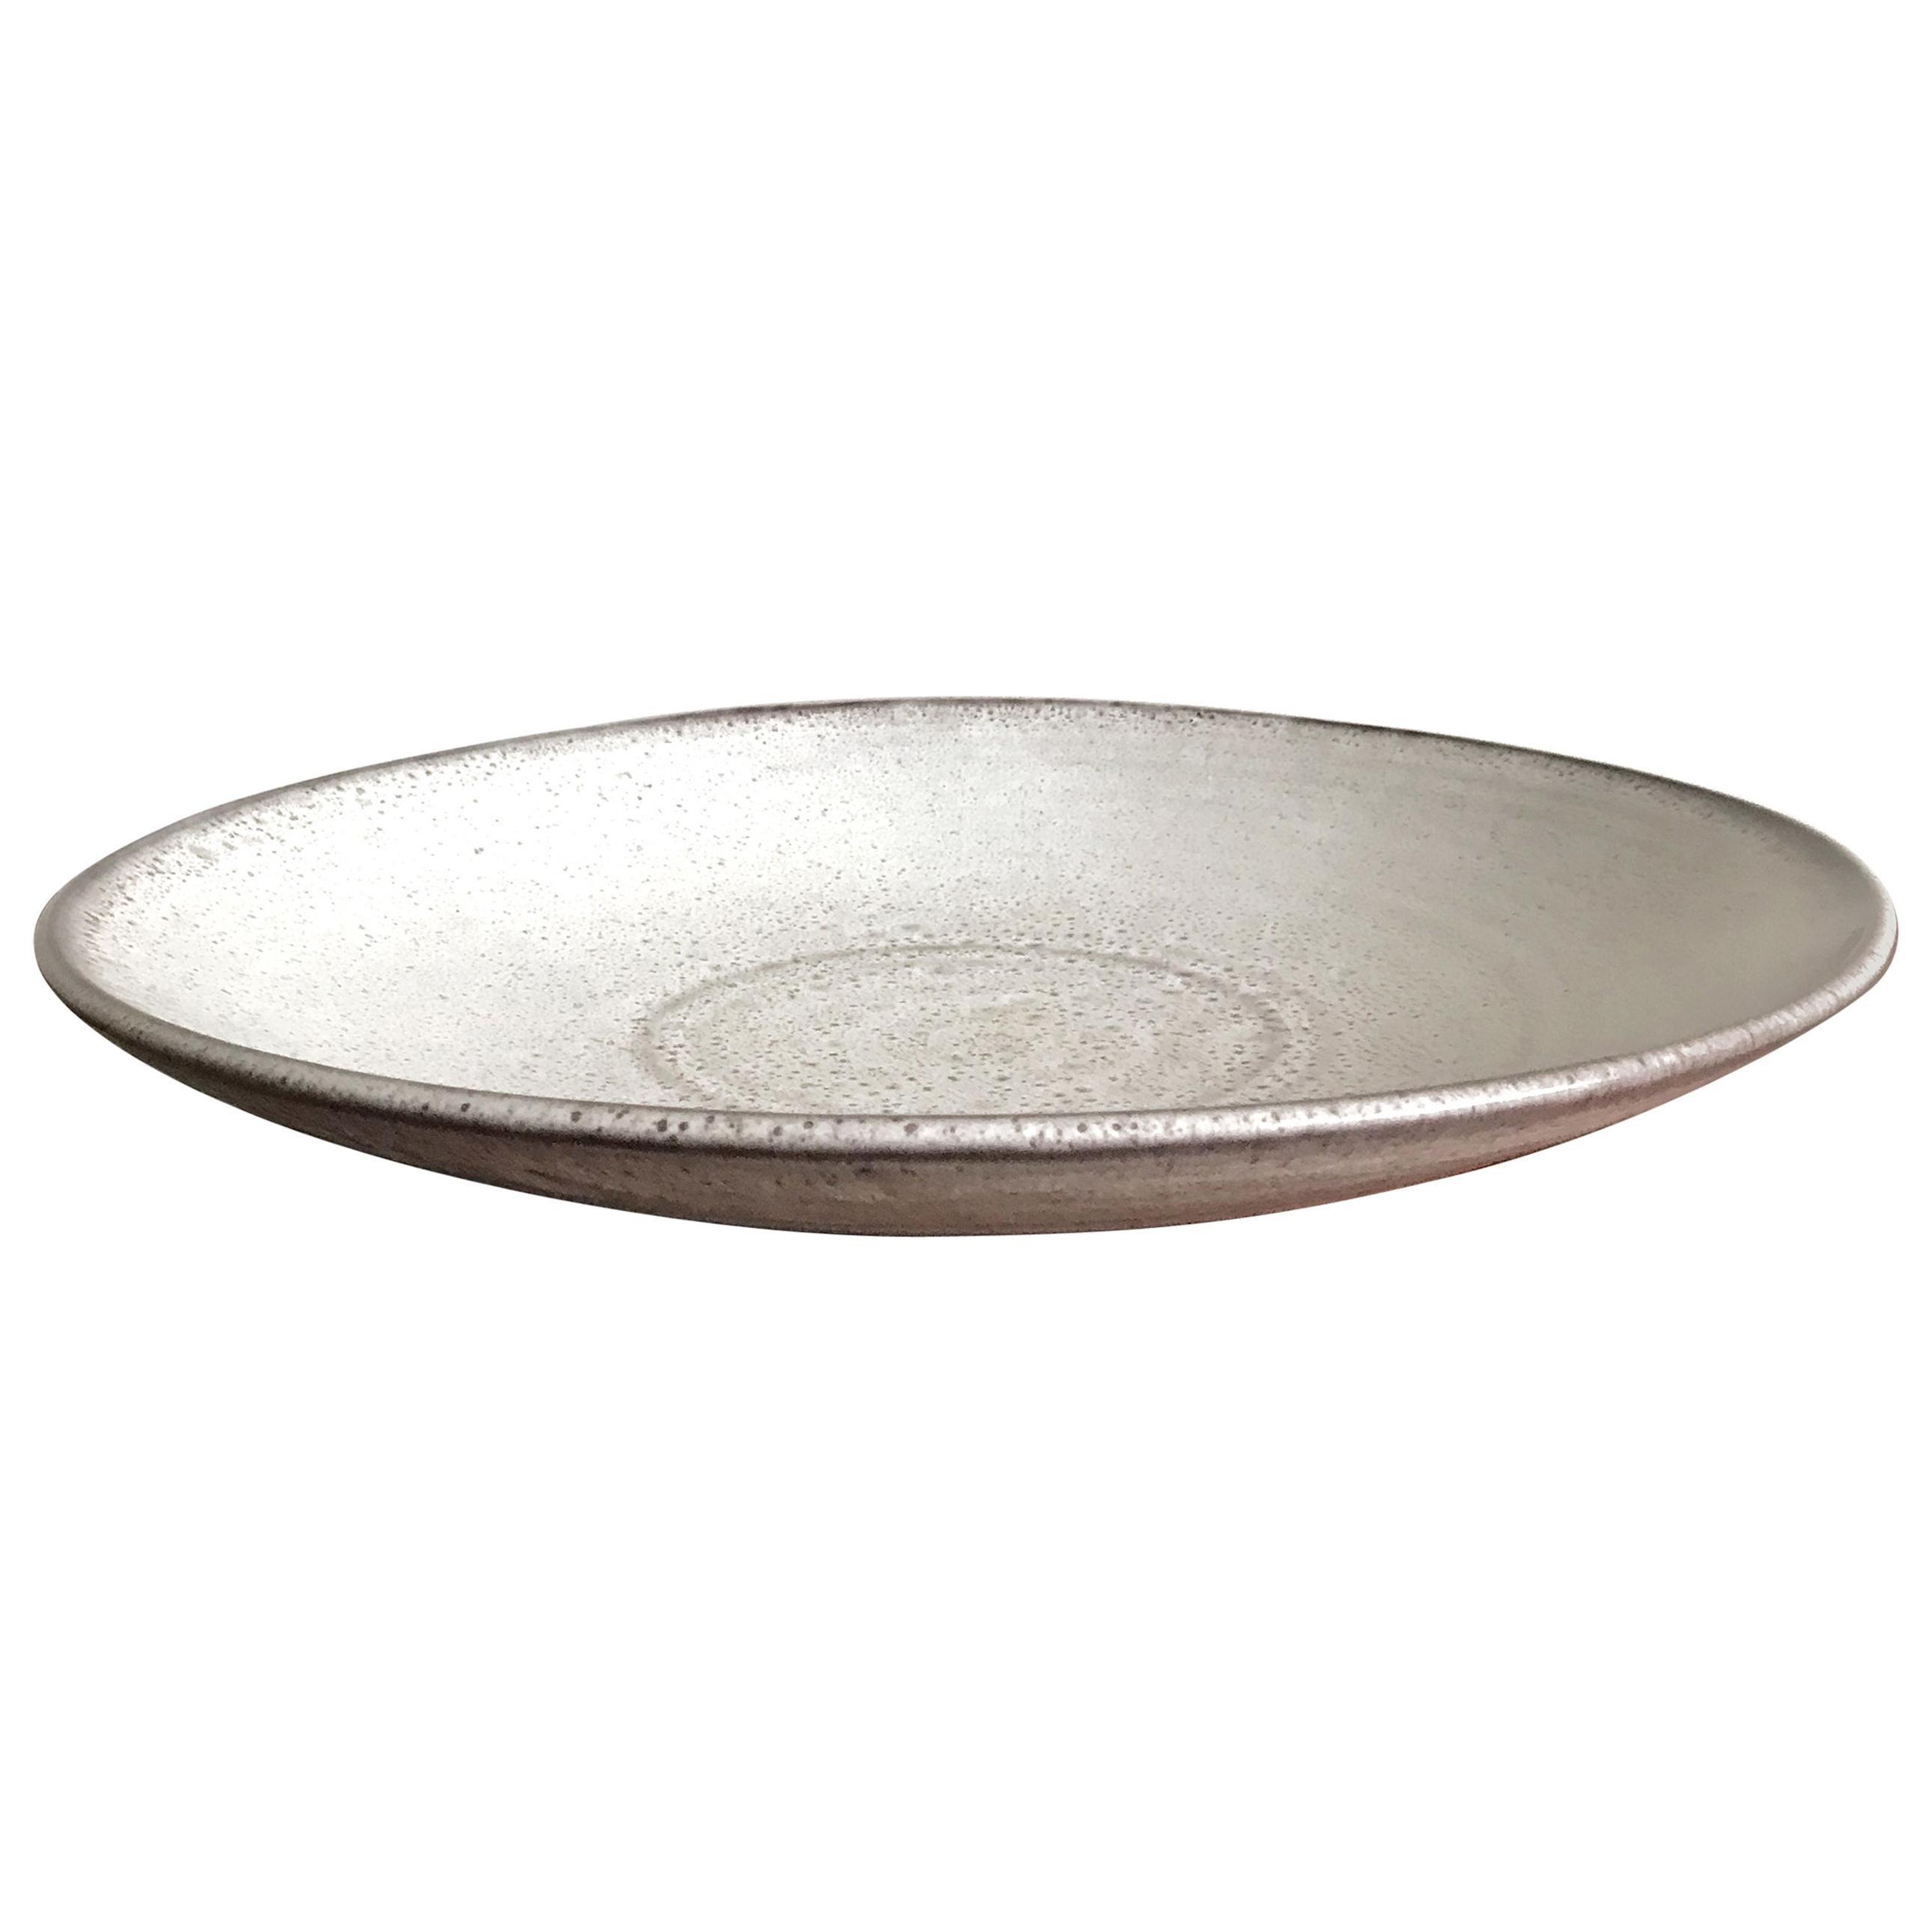 Alessio Tasca Italian Big Midcentury Design Ceramic Centerpiece, 1960s